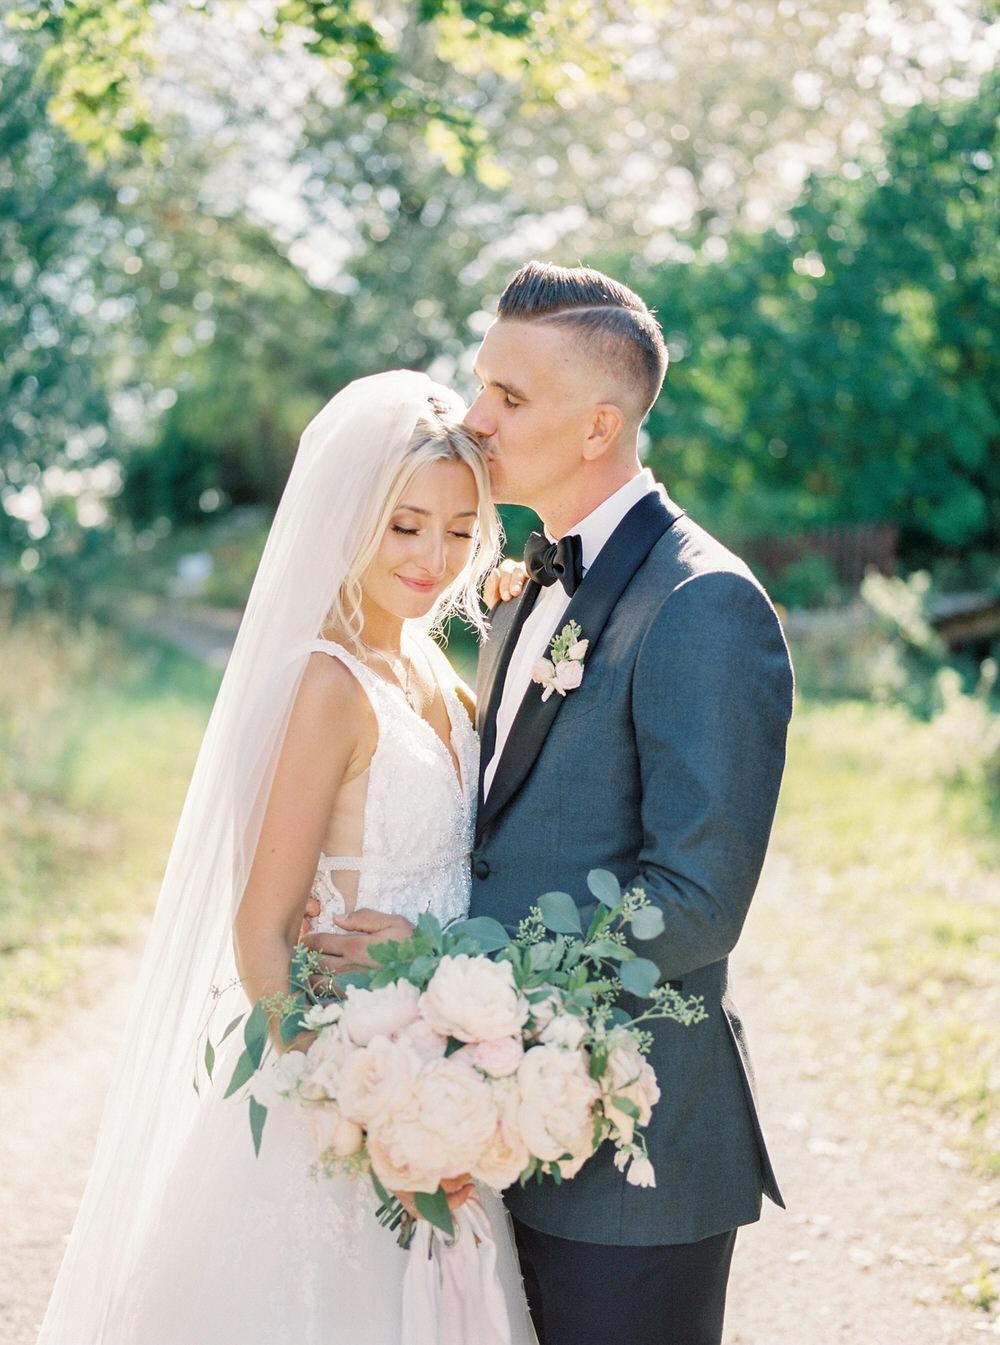 groom tenderly kisses his bride's head